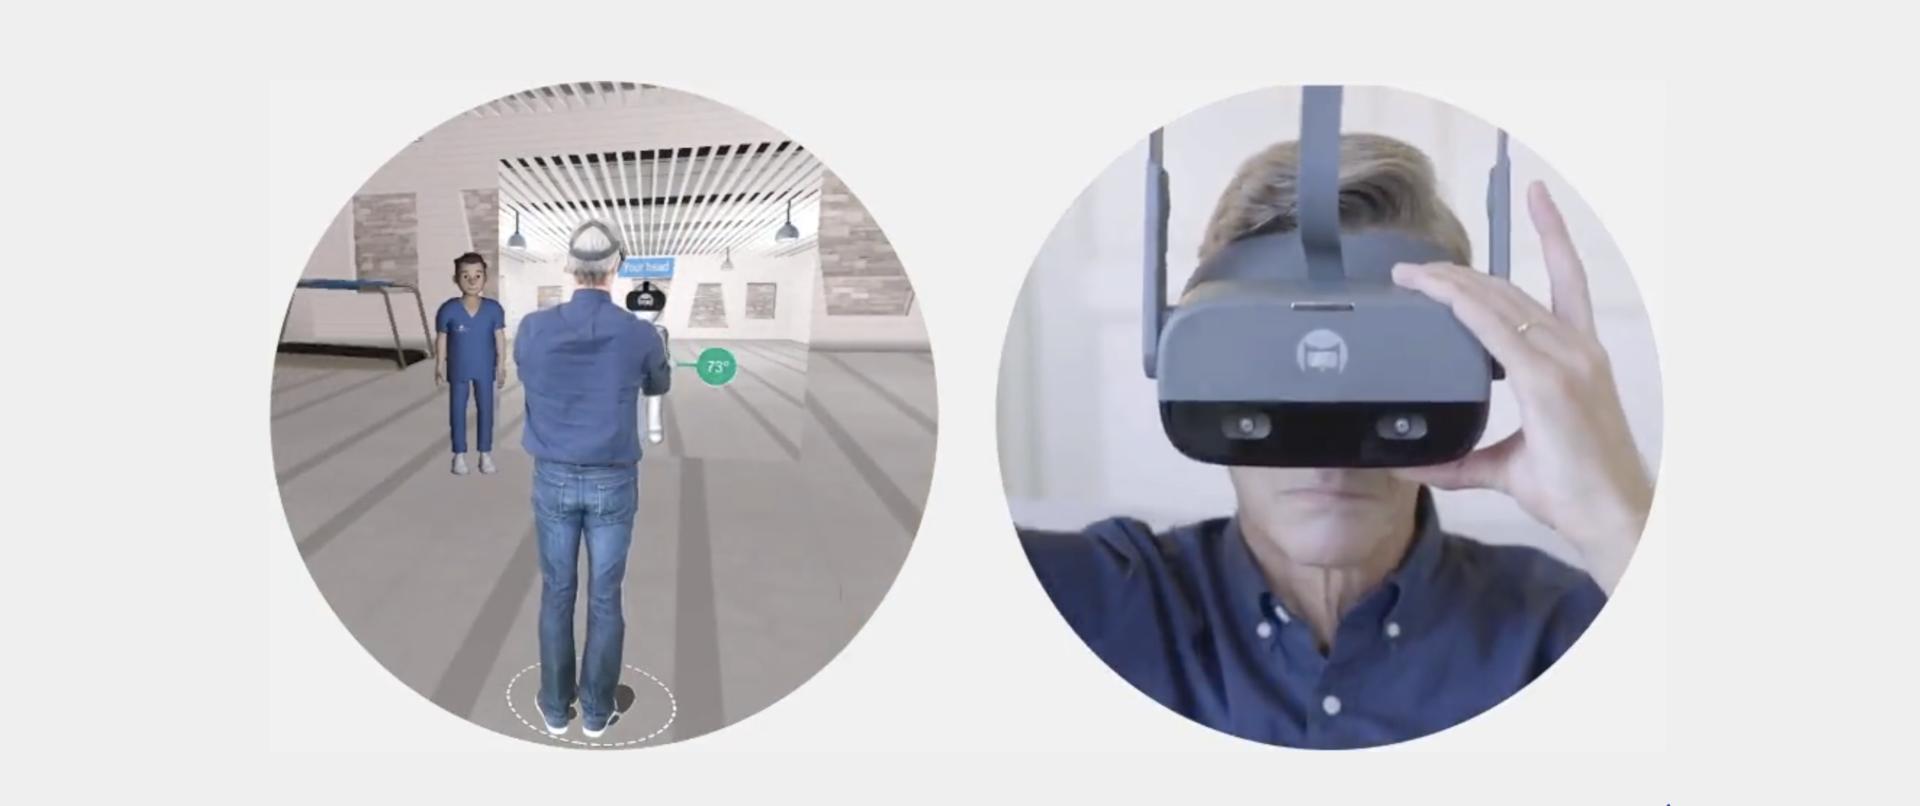 Realtà virtuale nella medicina: utilizzo terapeutico, le novità